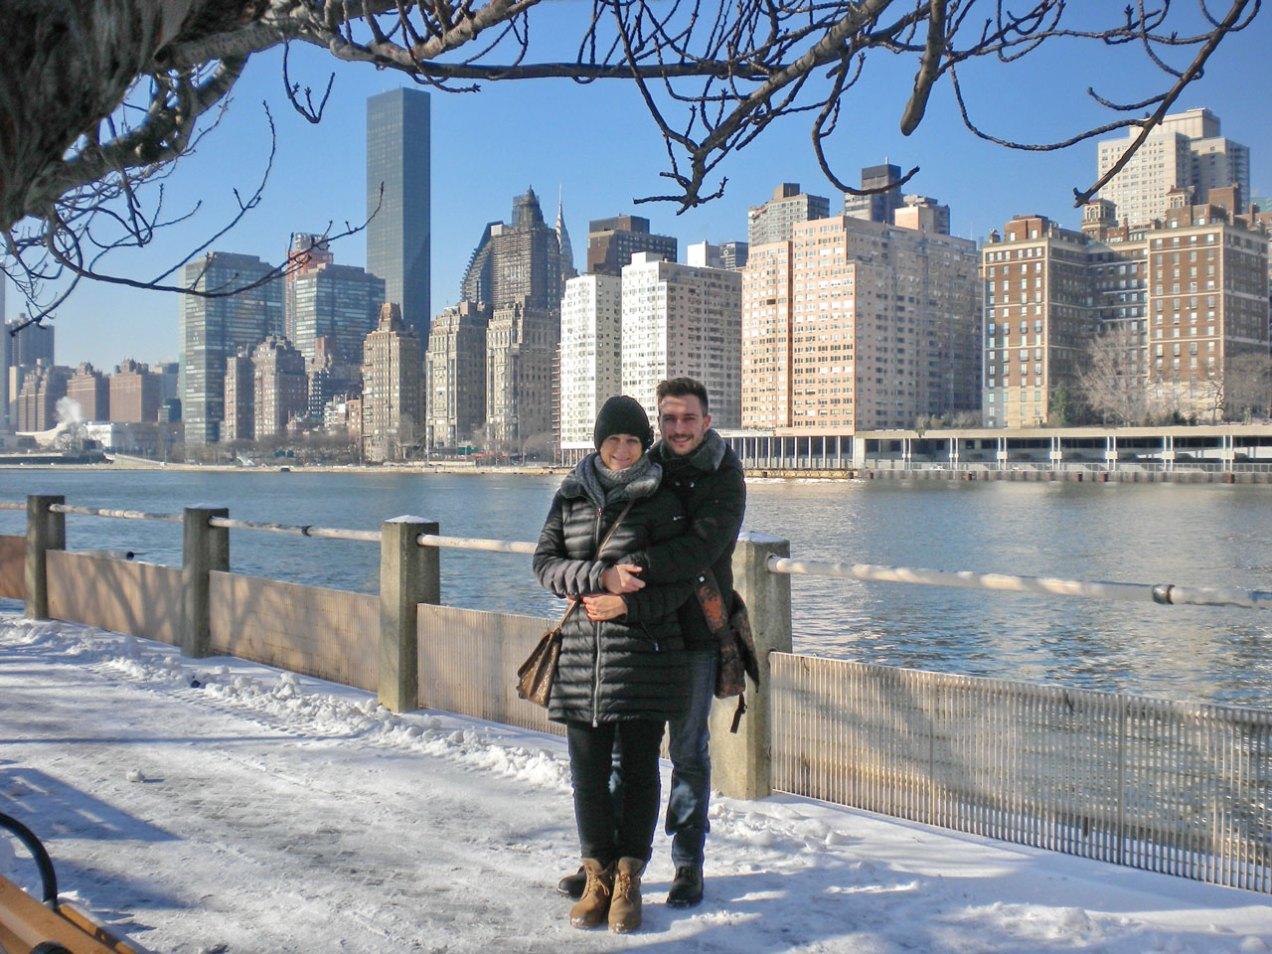 Immagini Natale A New York.Natale A New York Uno Sfavillante Itinerario Di 5 Giorni Un